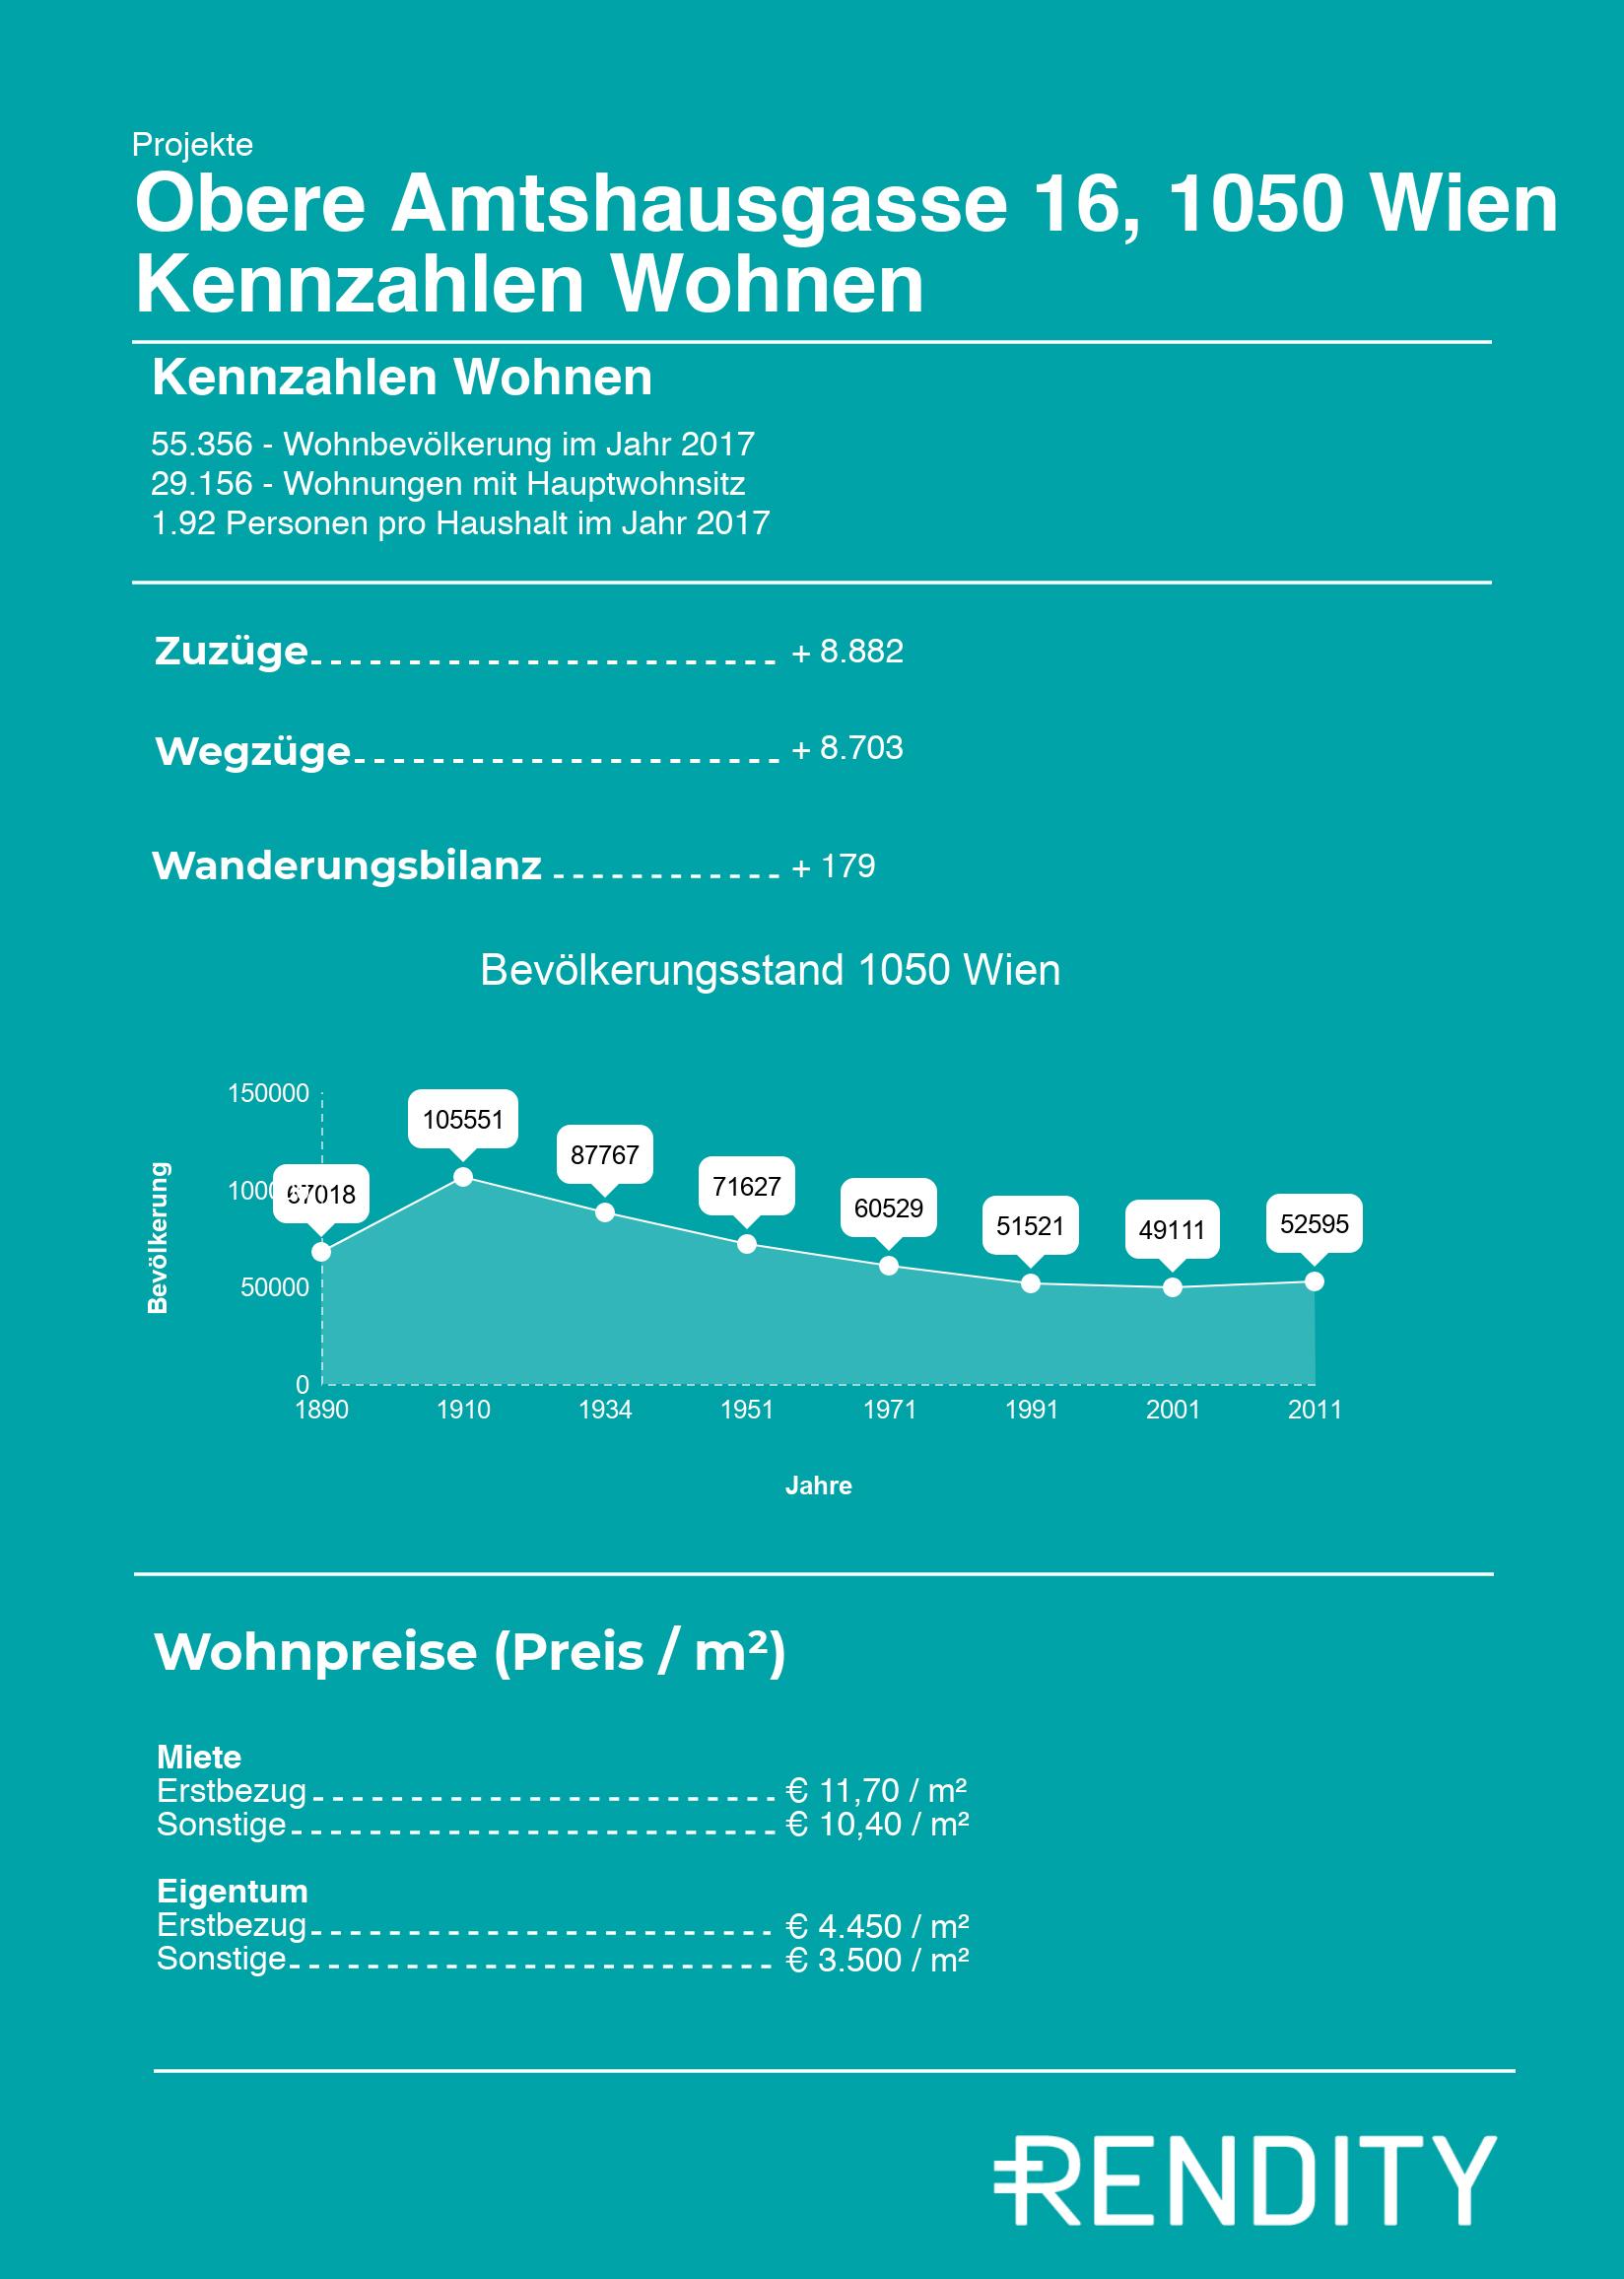 1050 Wien Zahlen zur Bevölkerung